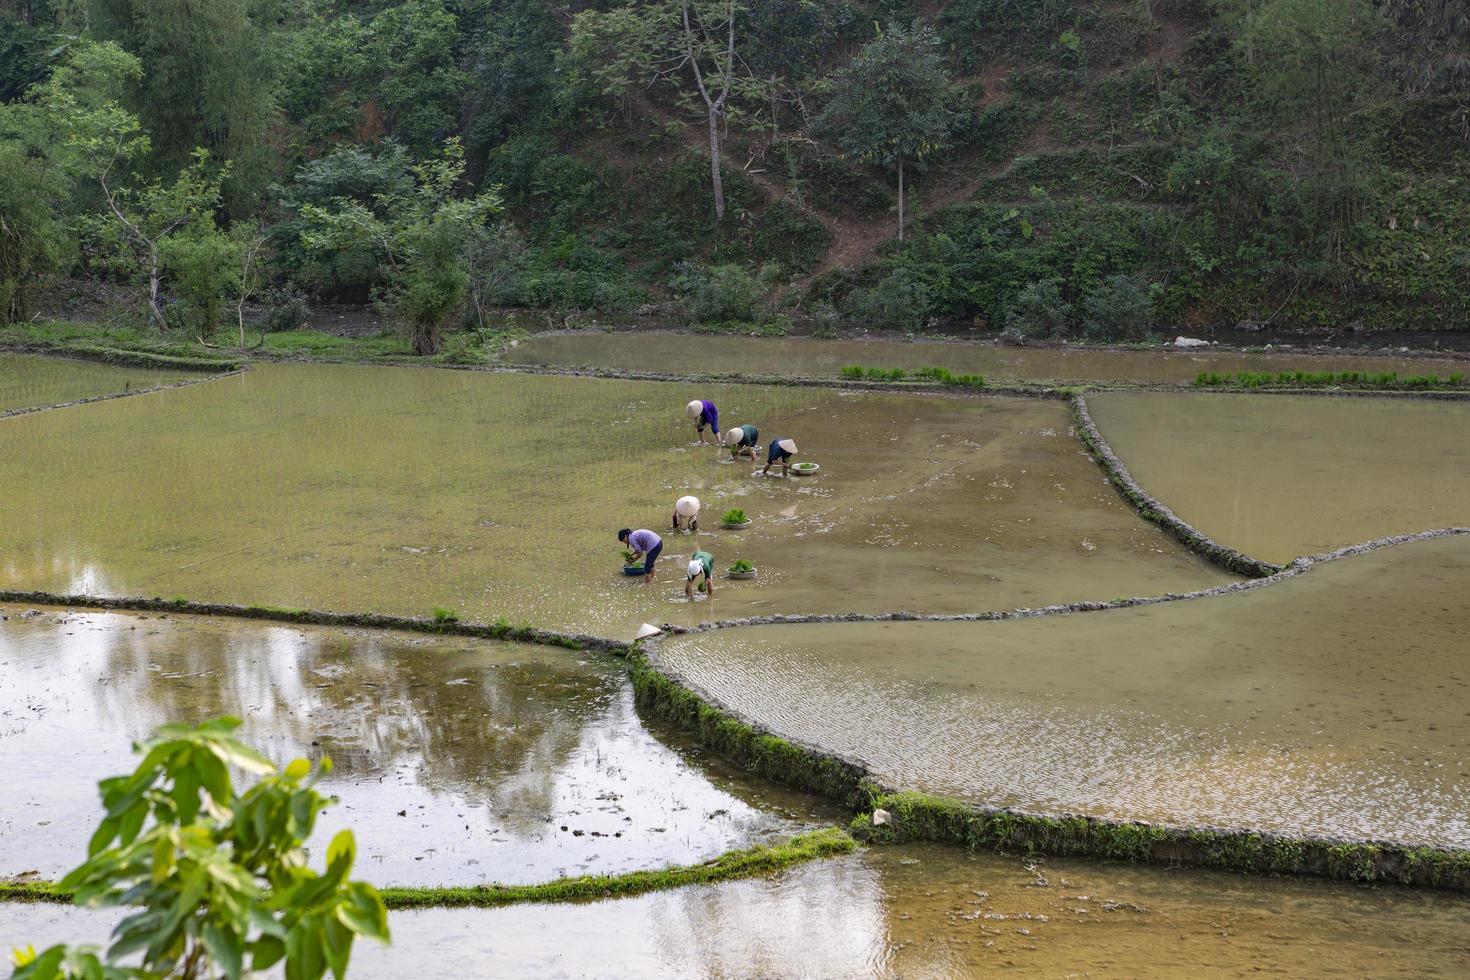 Noord-Vietnam, 2017 - boeren planten rijst in een veld foto